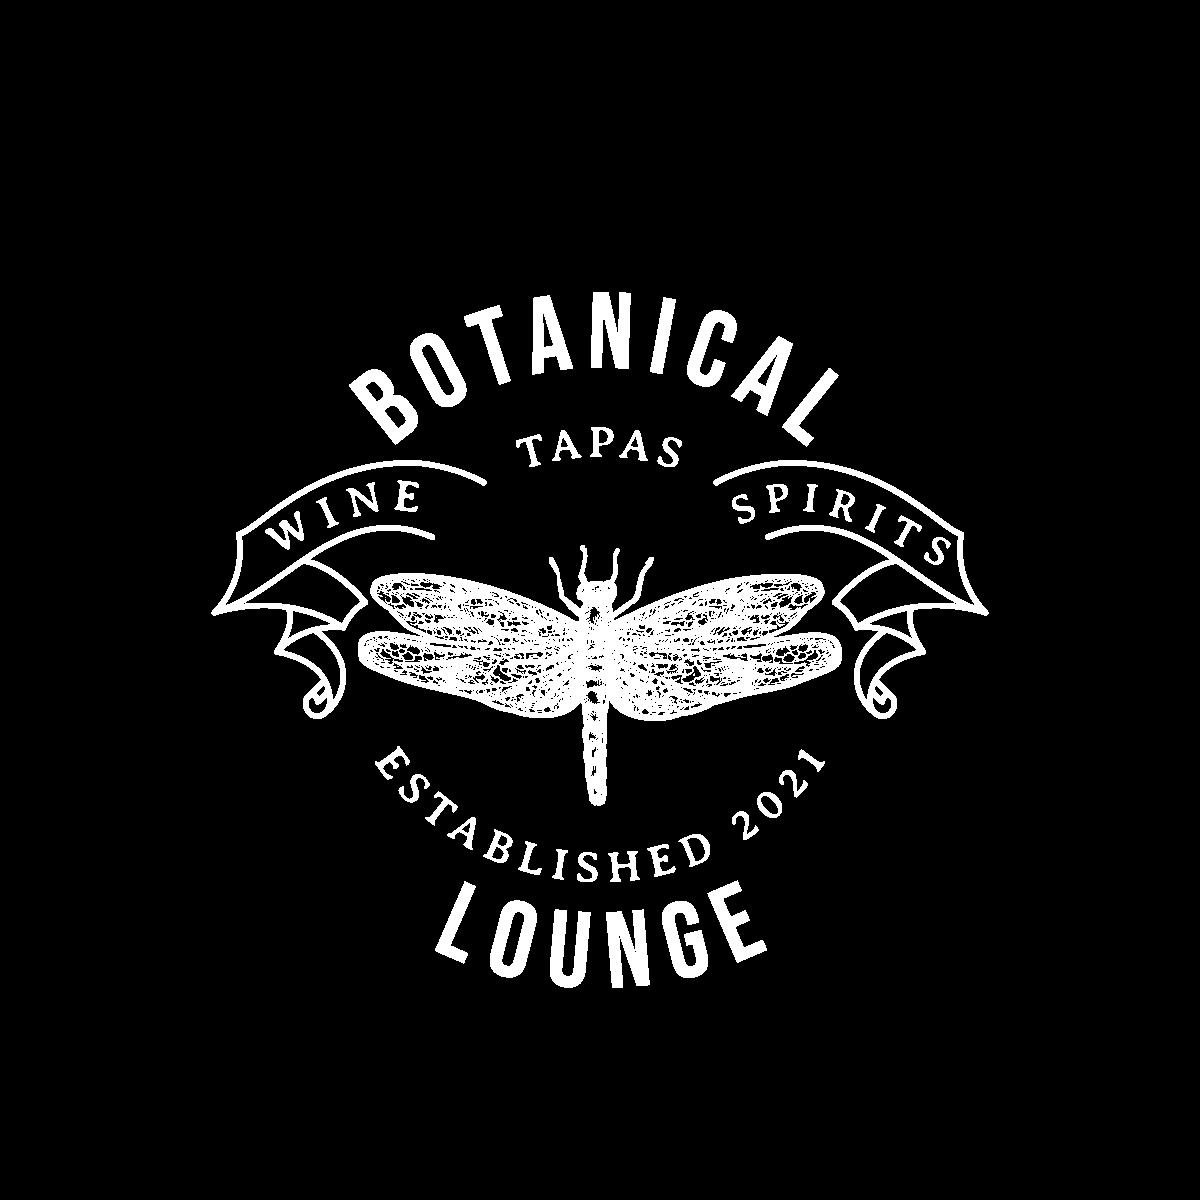 Botanical Lounge